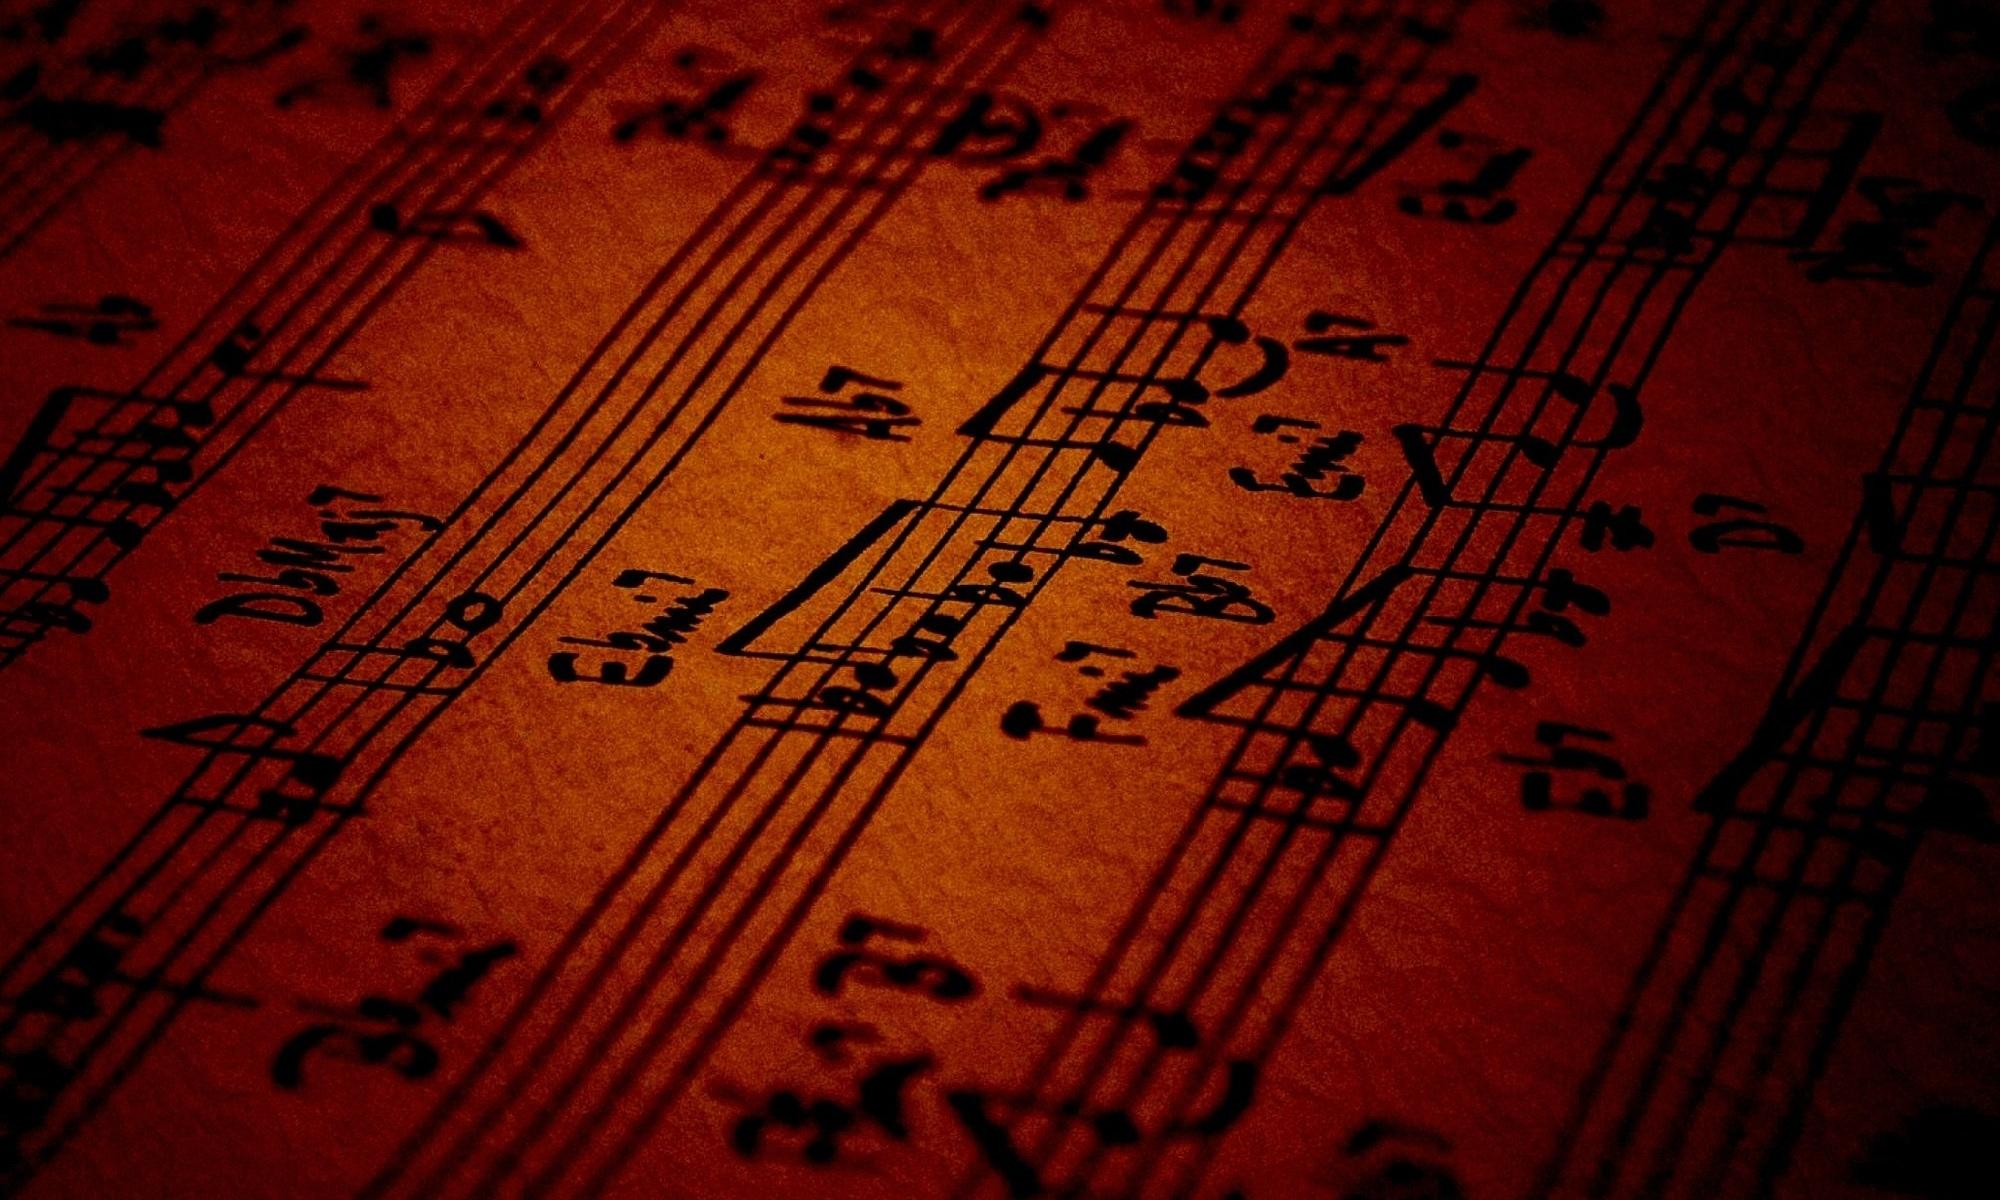 a music lead sheet